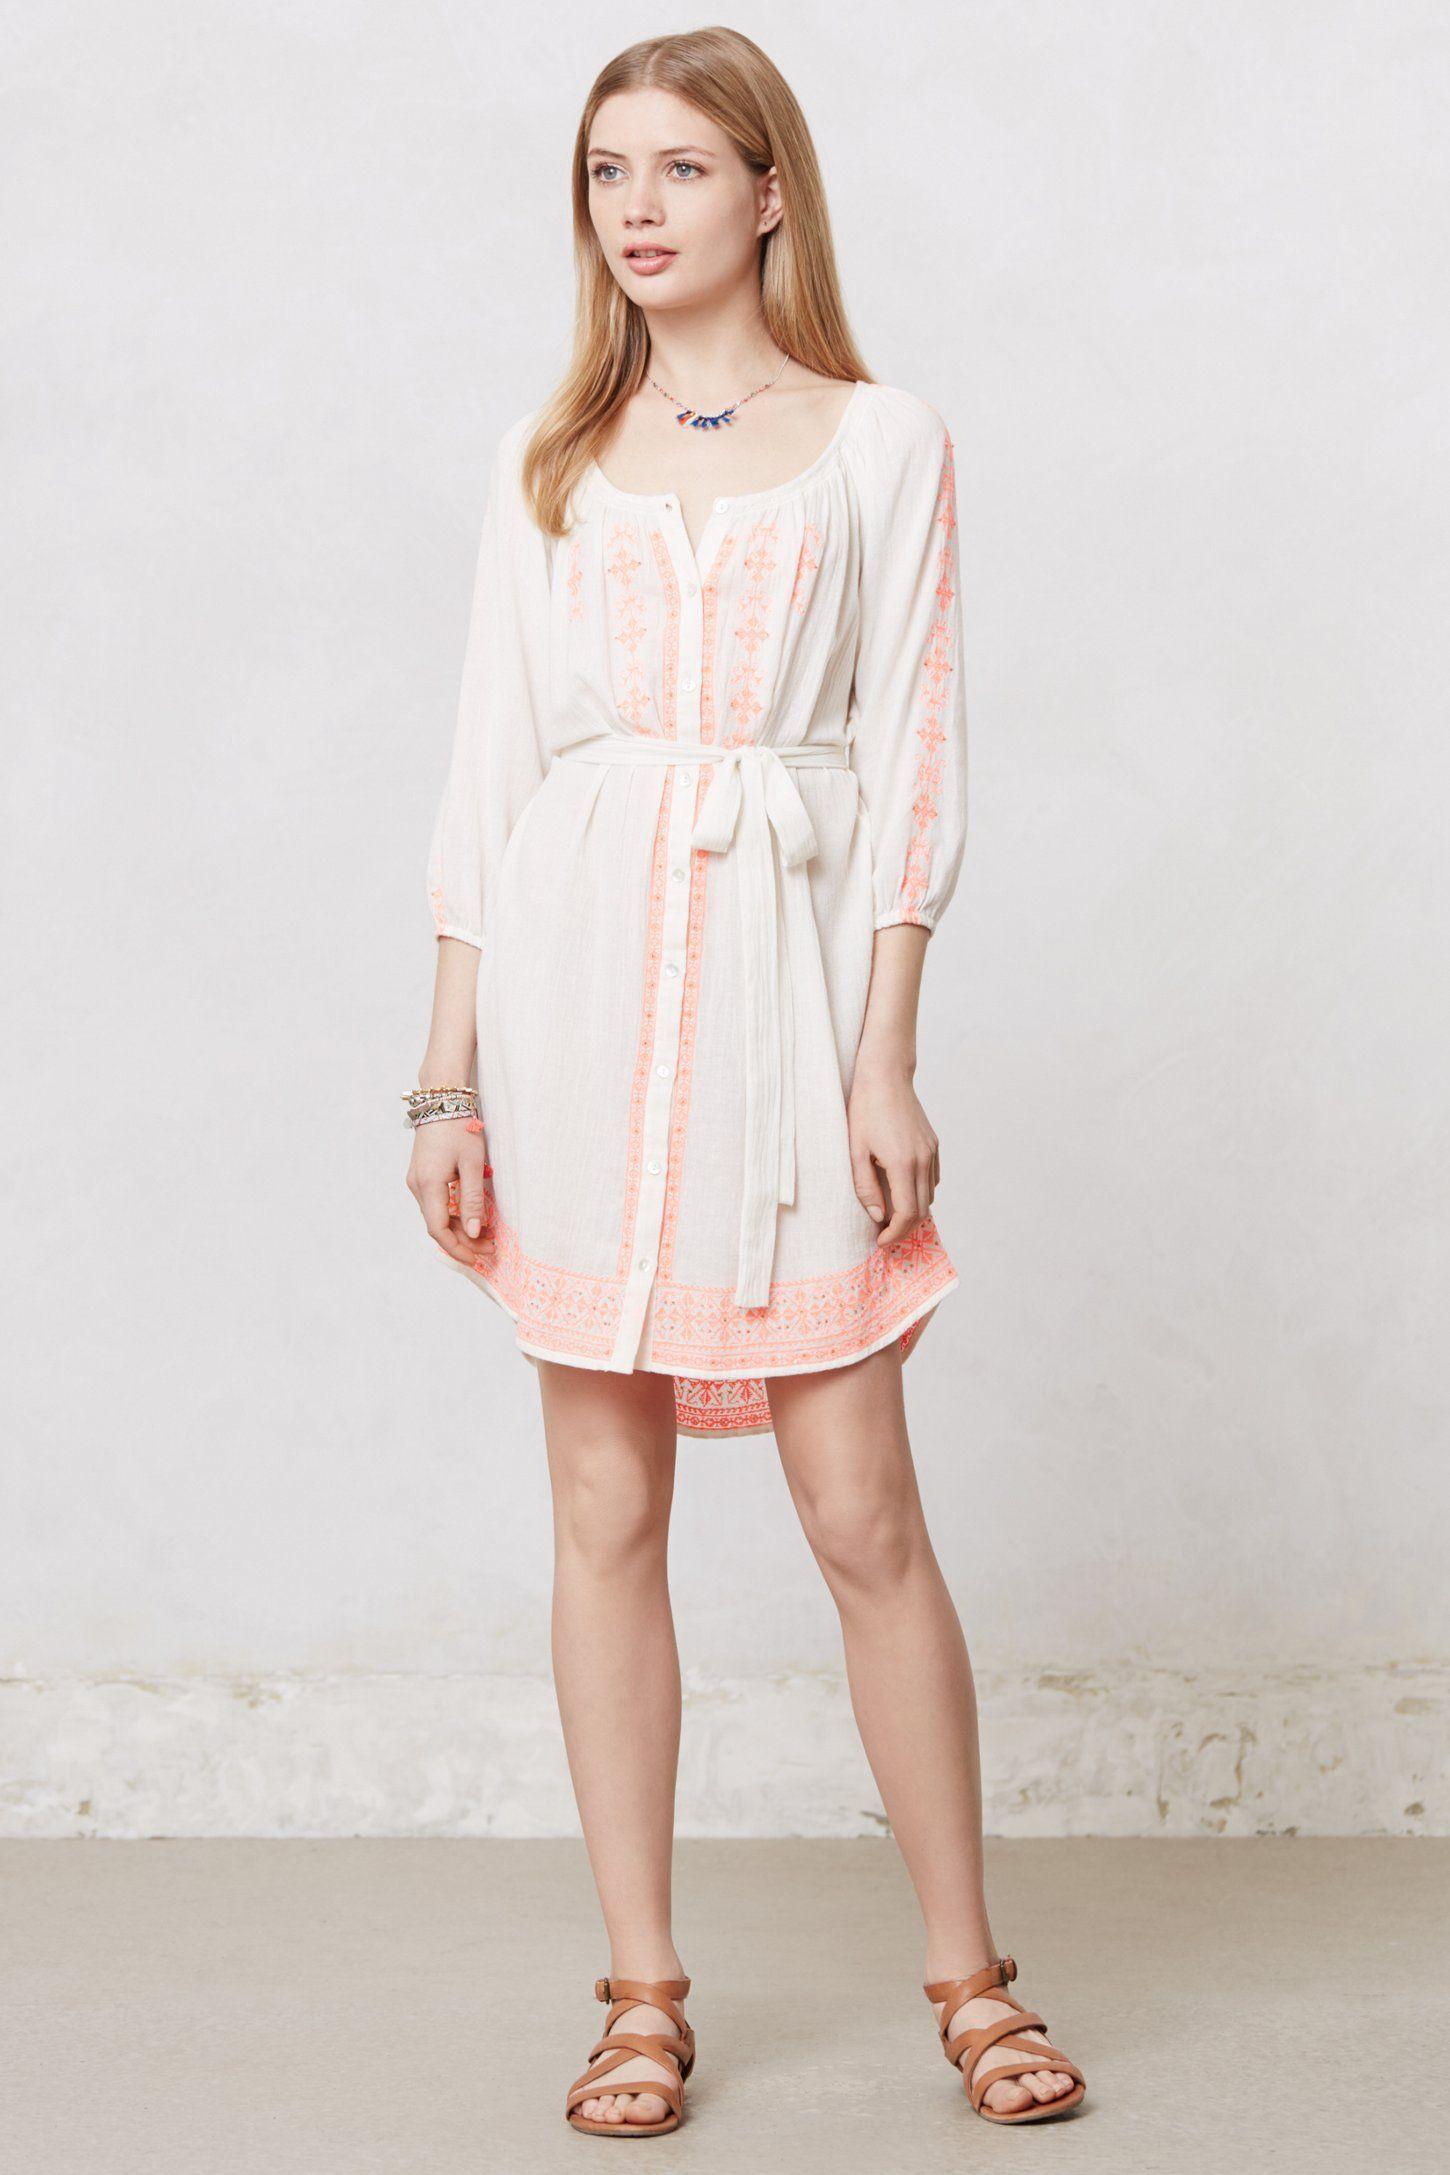 .Bawal ito Dresses, Fashion, Peasant dress